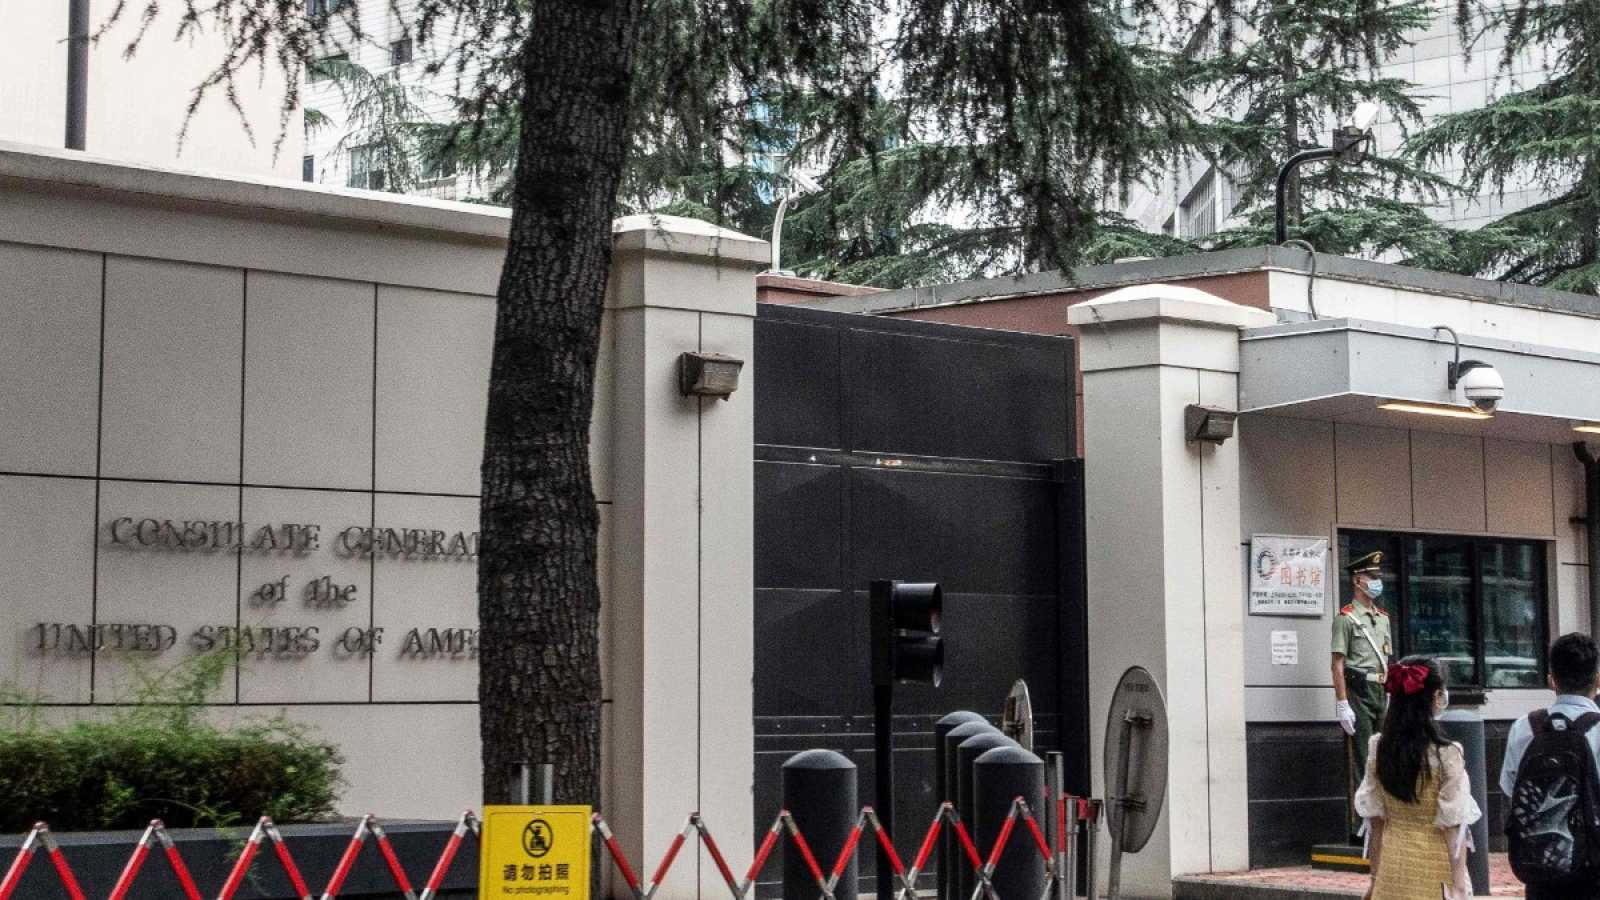 China ordena el cierre del consulado de EE.UU. en Chengdu tras la clausura del suyo en Houston